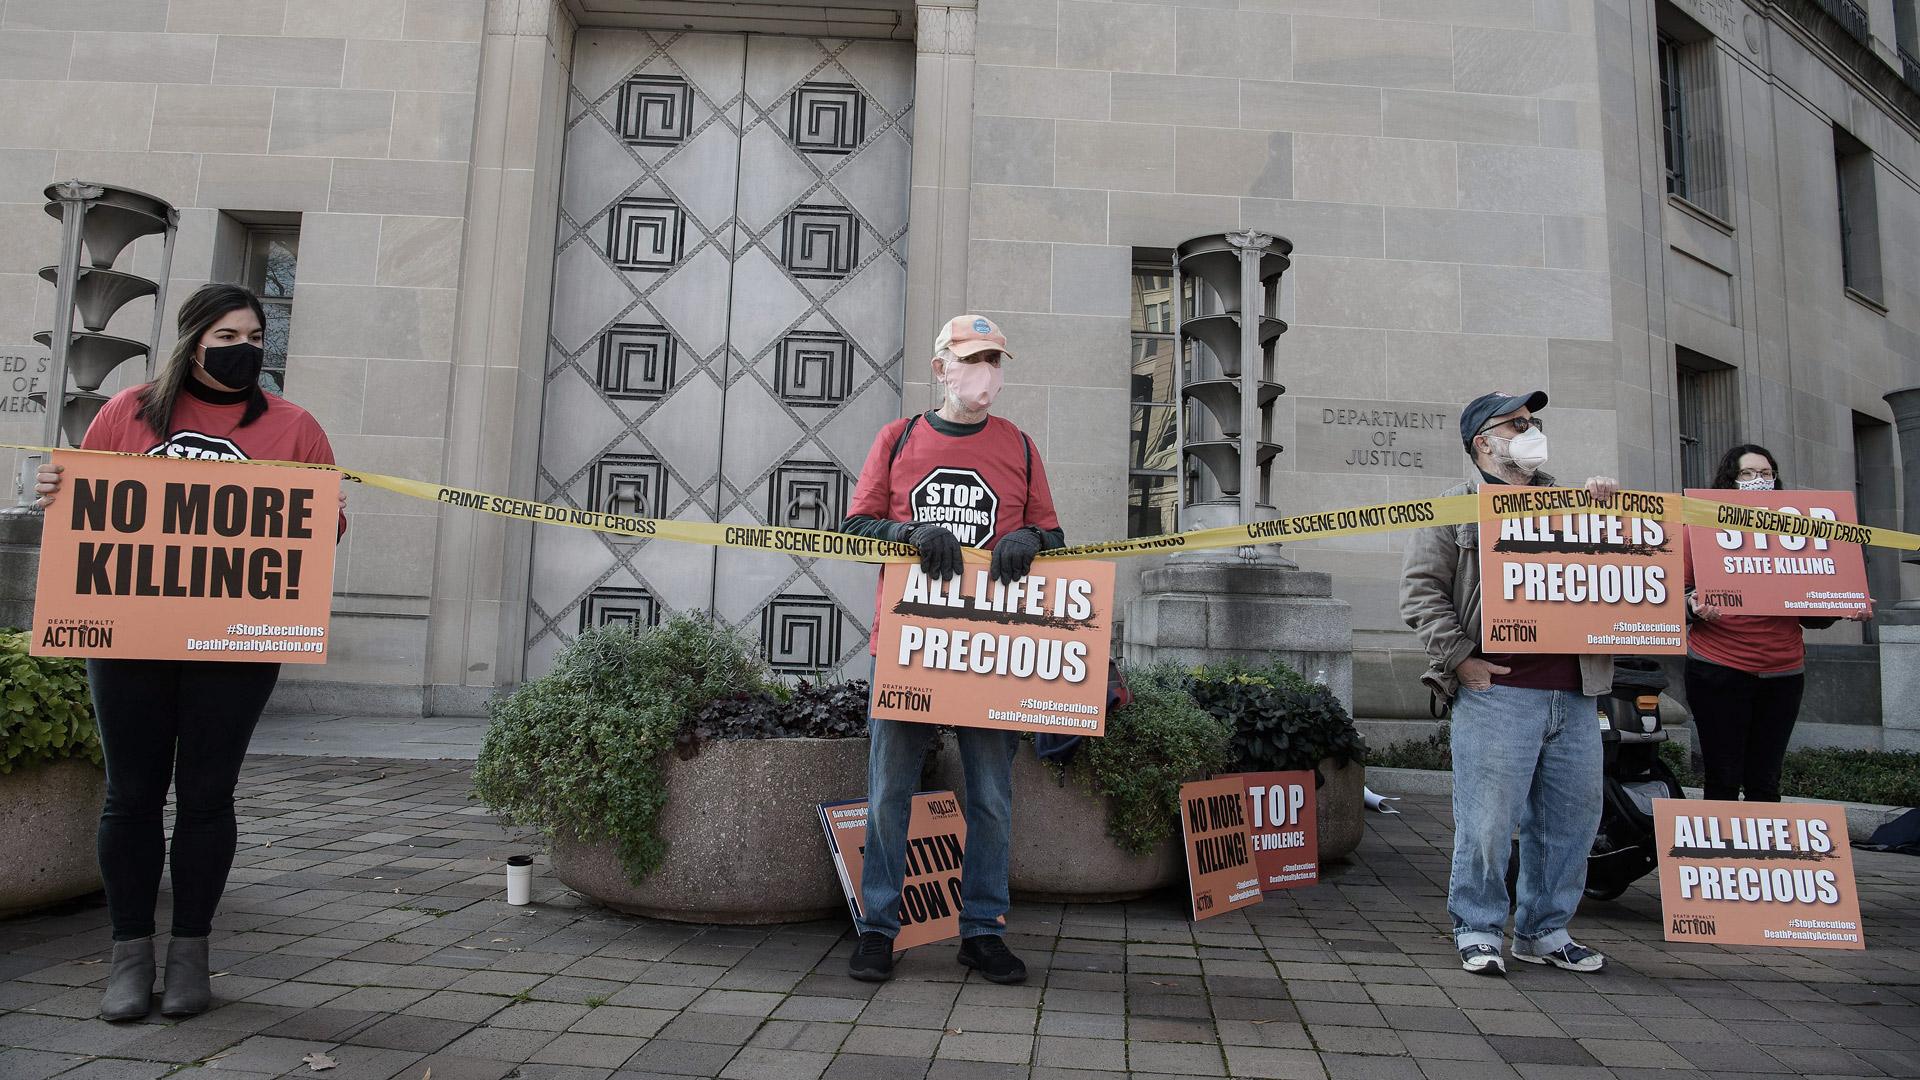 Protes menentang hukuman mati di luar Kementerian Kehakiman di Washngton DC pada Desember 2020.